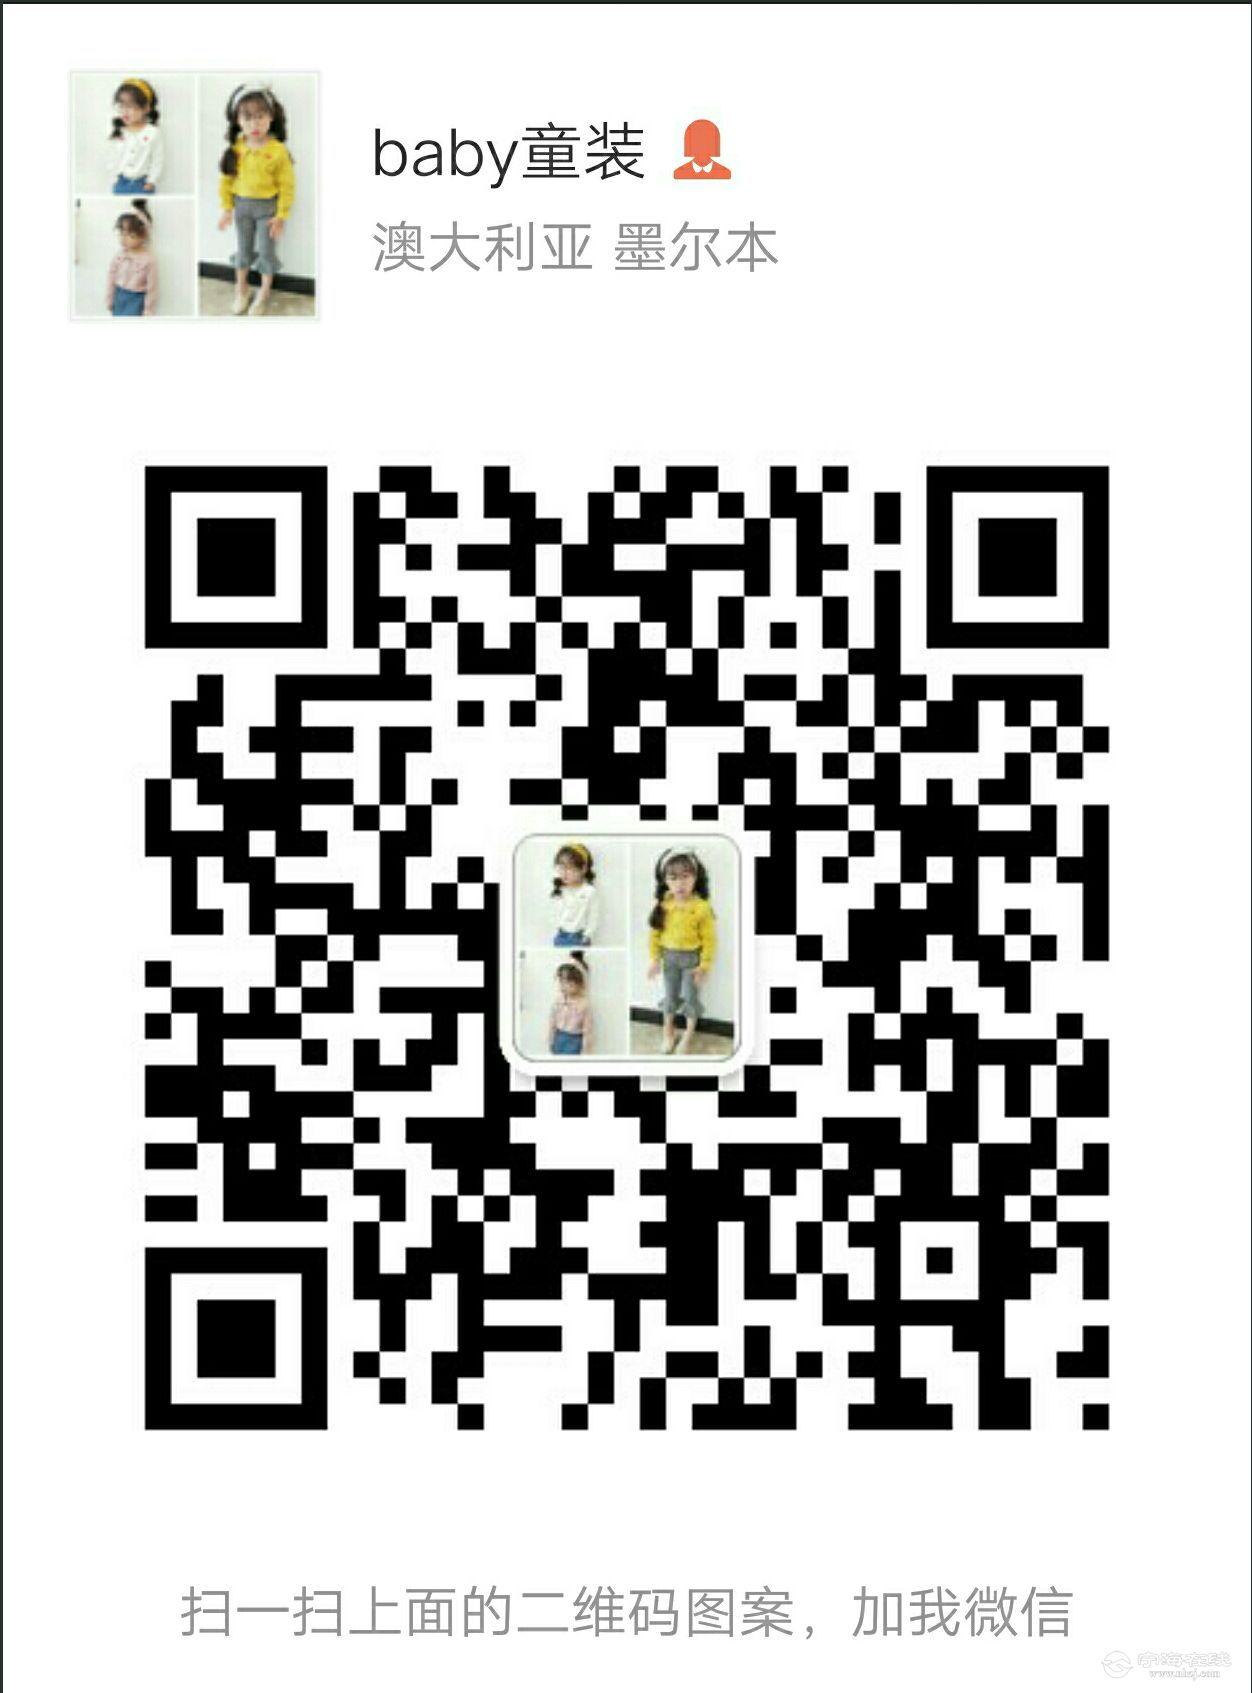 qq_pic_merged_1520843321970.jpg